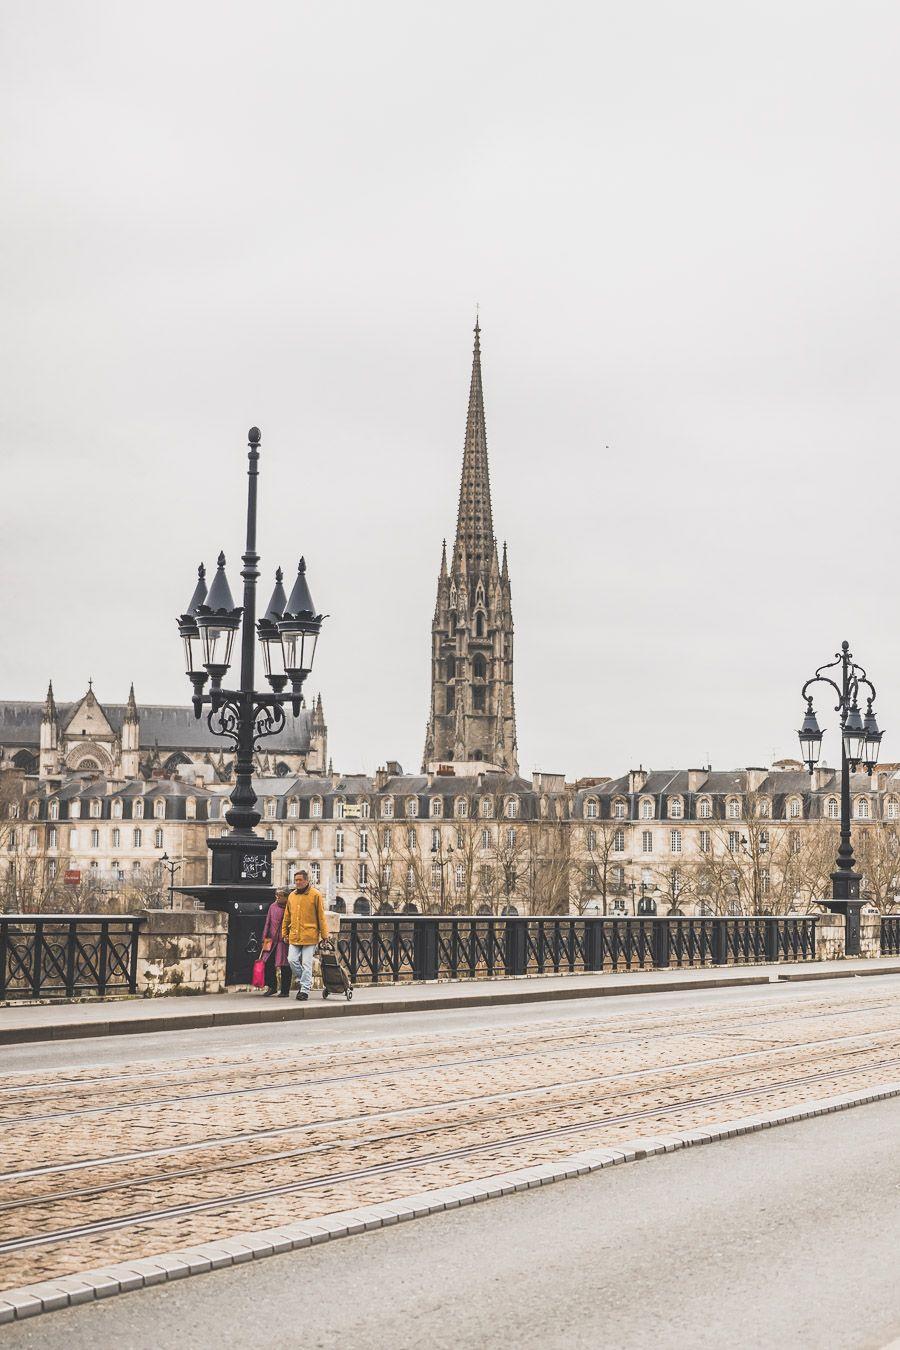 Visiter Bordeaux en 2 jours - le pont de pierre